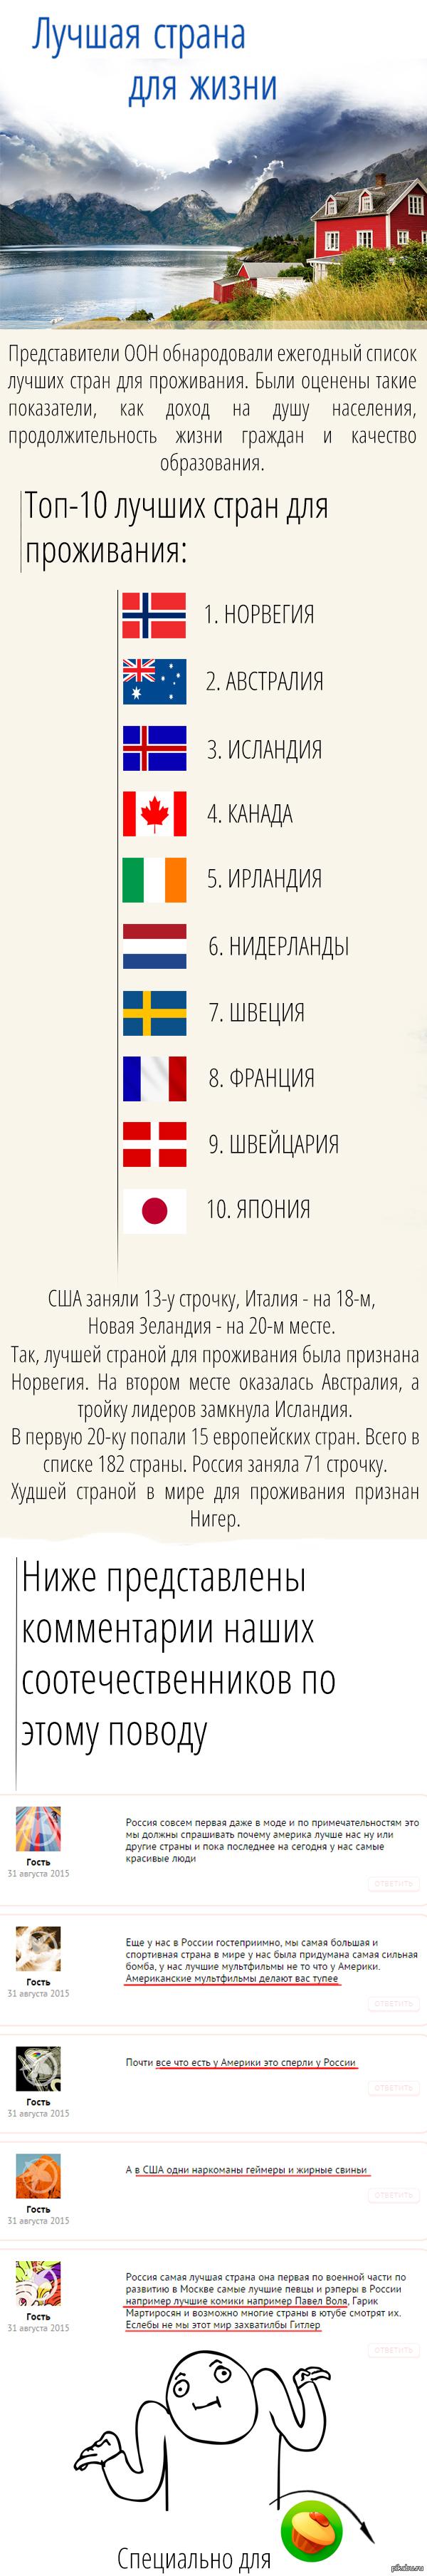 Лучшая страна для проживания в 2015 году. А также топ стран лучших для жизни.